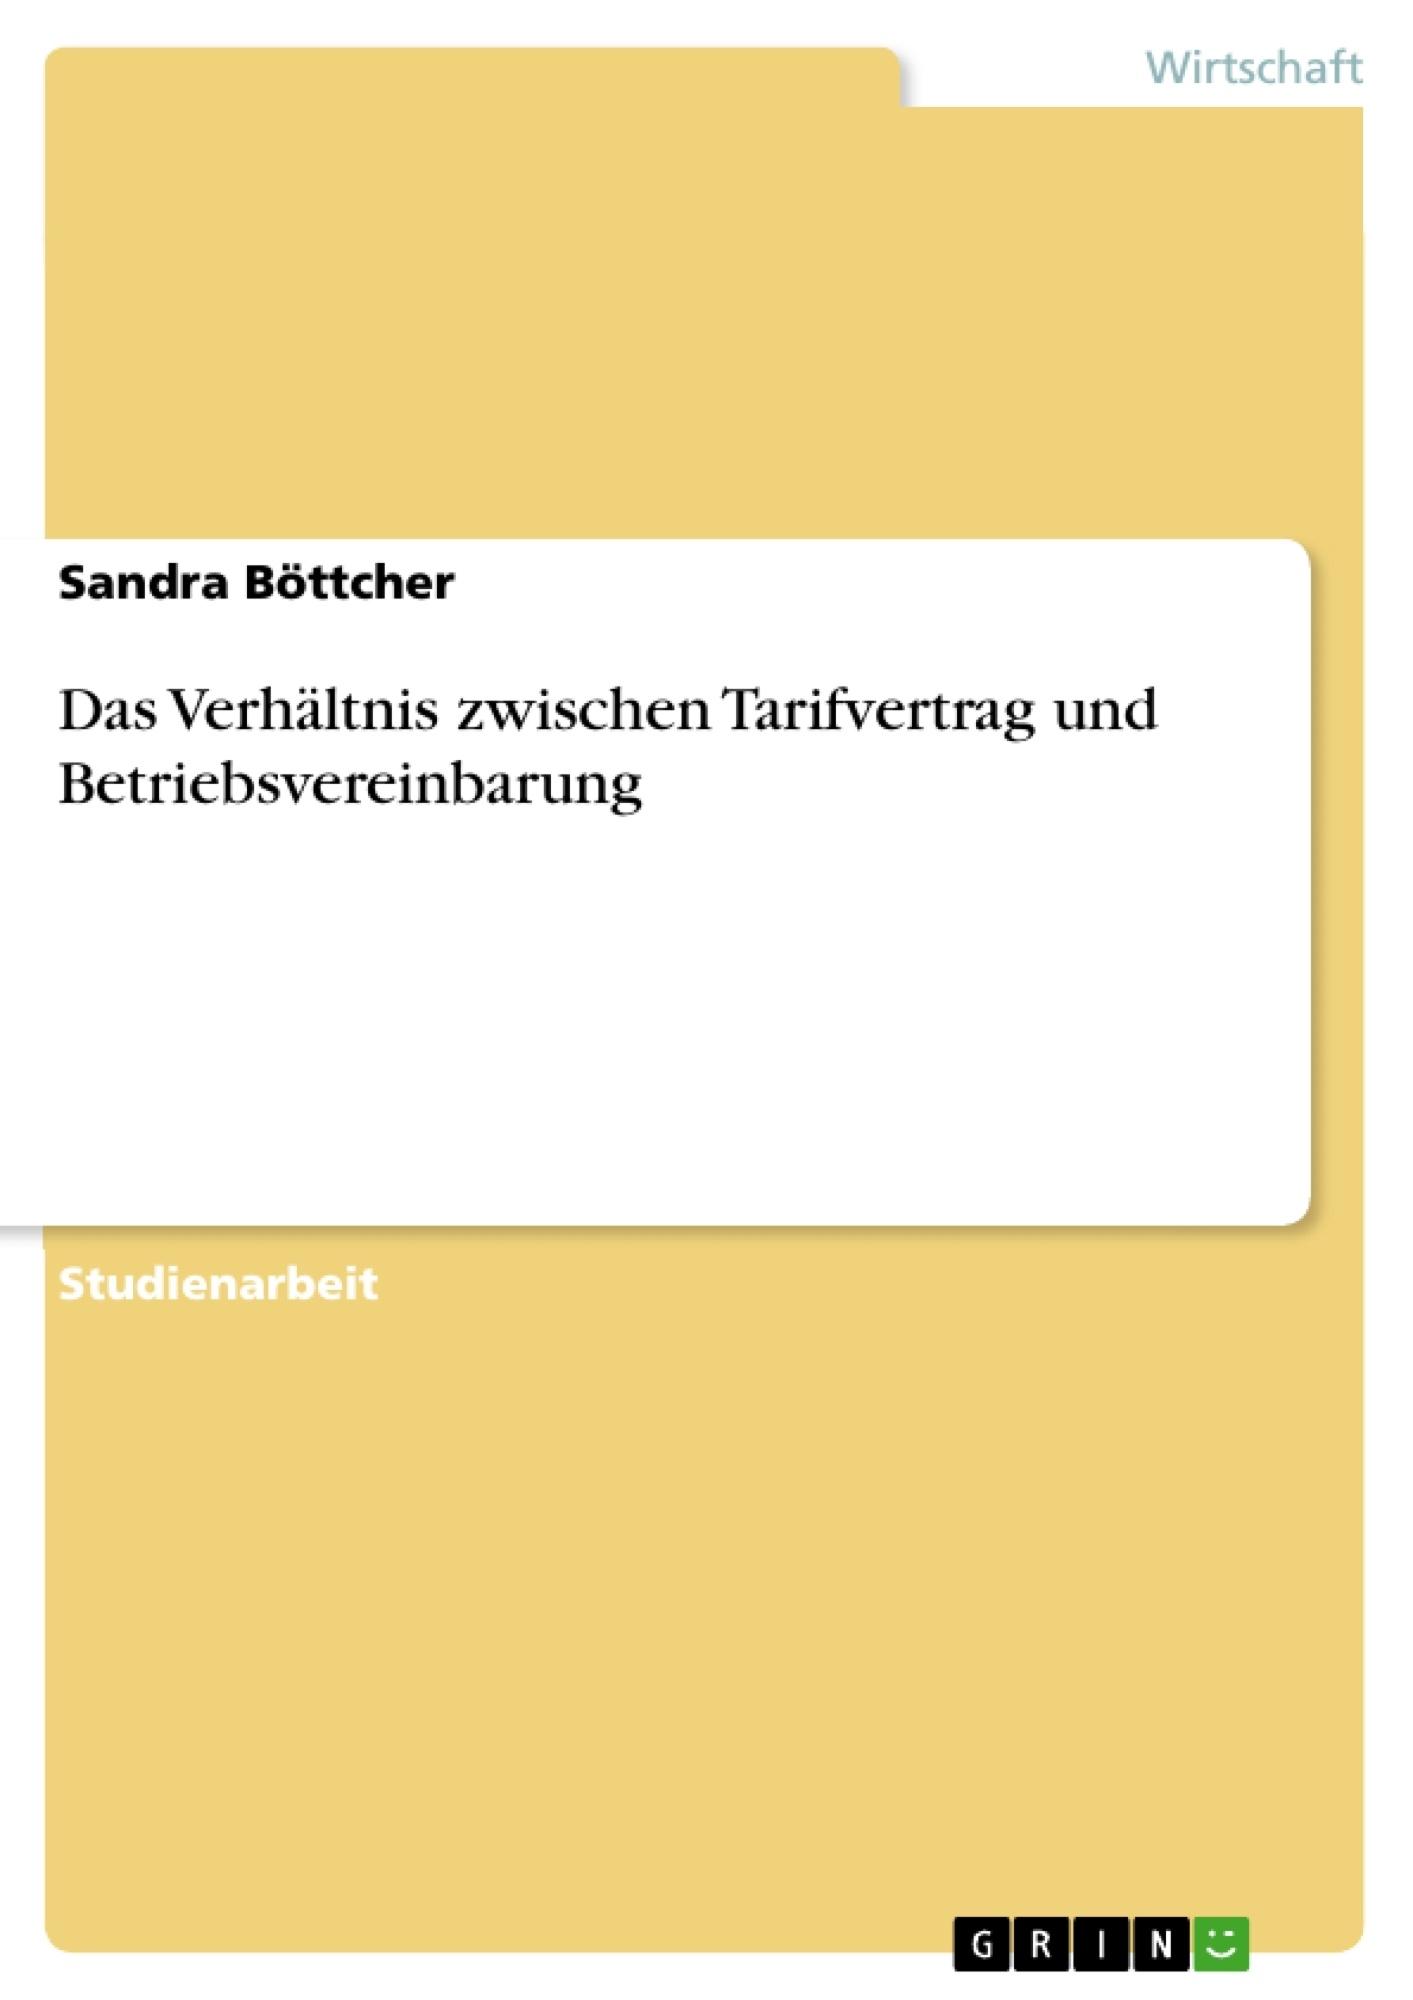 Titel: Das Verhältnis zwischen Tarifvertrag und Betriebsvereinbarung